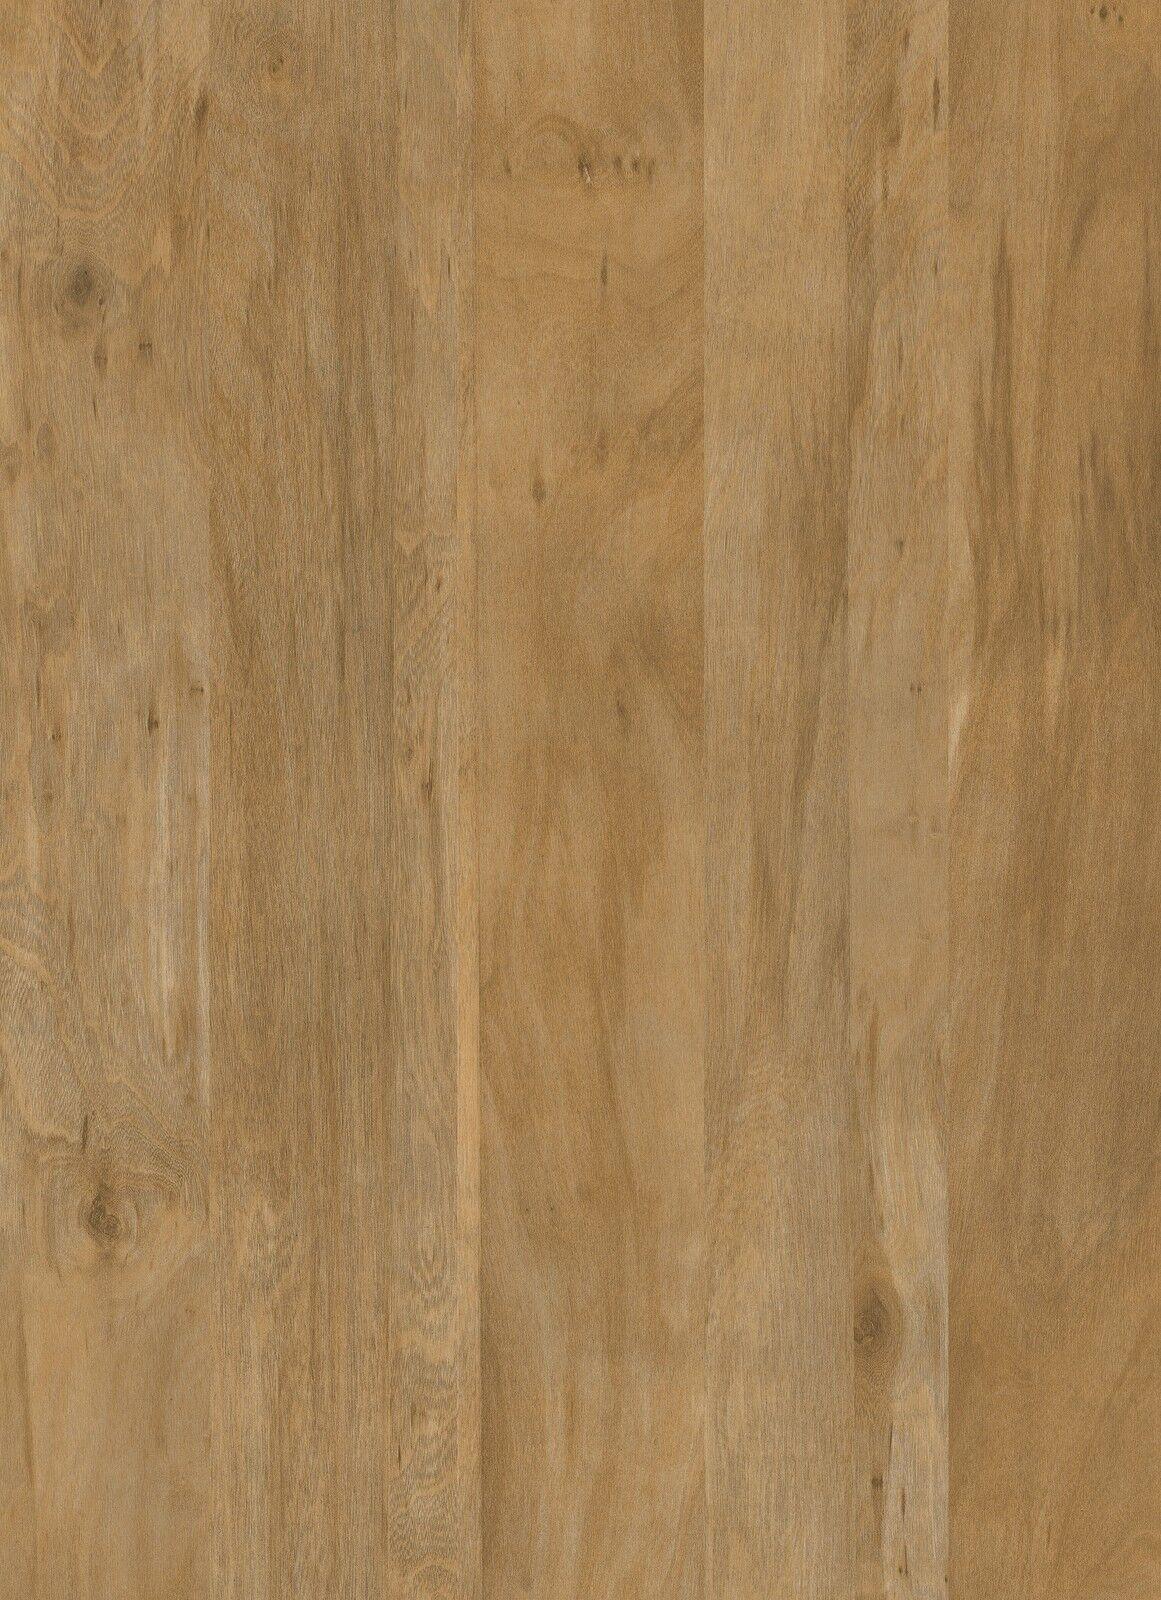 JOKA Rabatt 10% 2821 Designböden 330 2,0mm Flamy Aspen Vinyl PVC 1m²/25,11